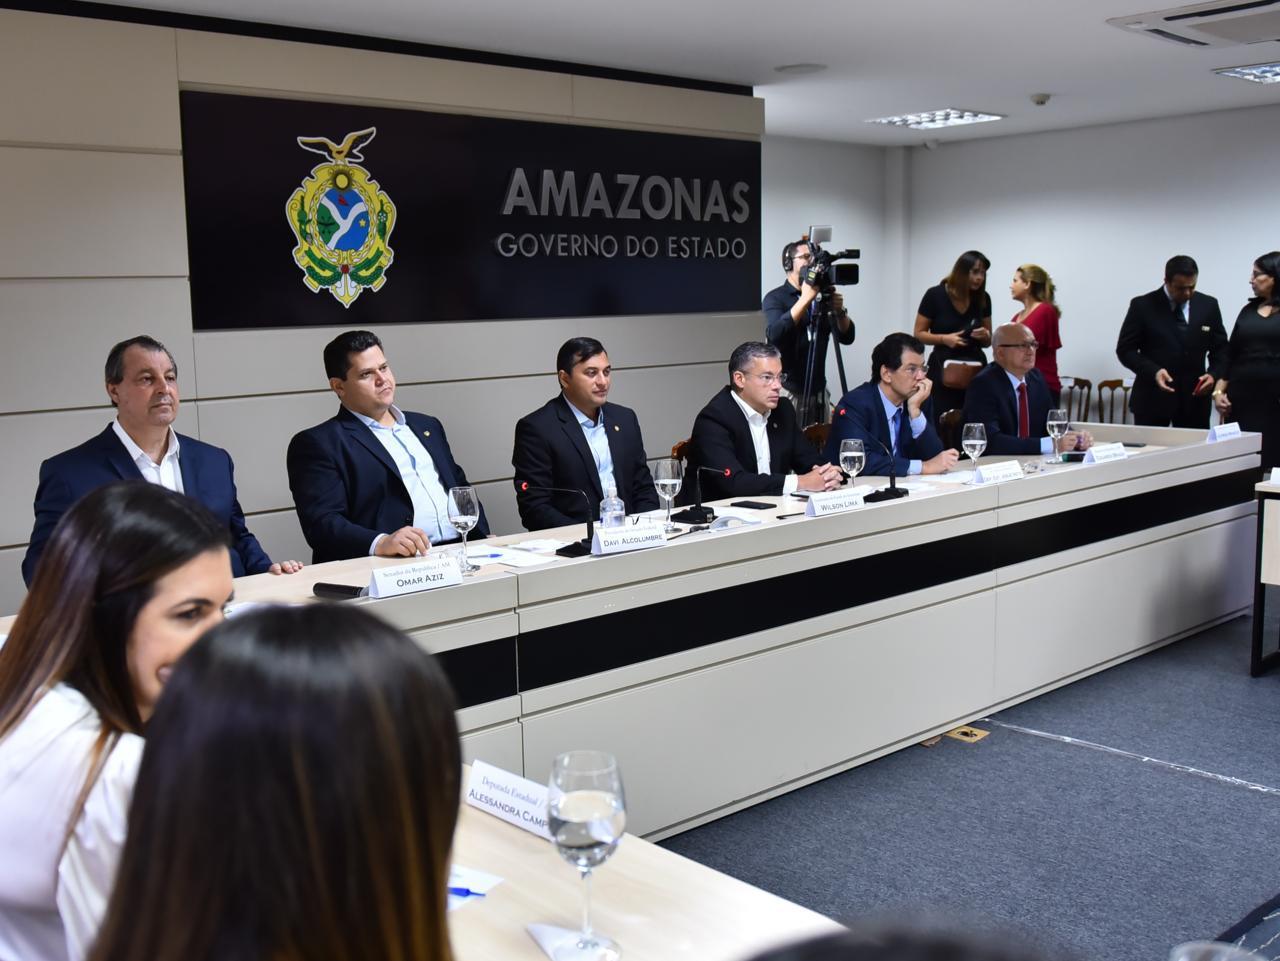 Qualquer mudança nas vantagens comparativas da Zona Franca de Manaus prejudica a economia do Amazonas, afirma Josué